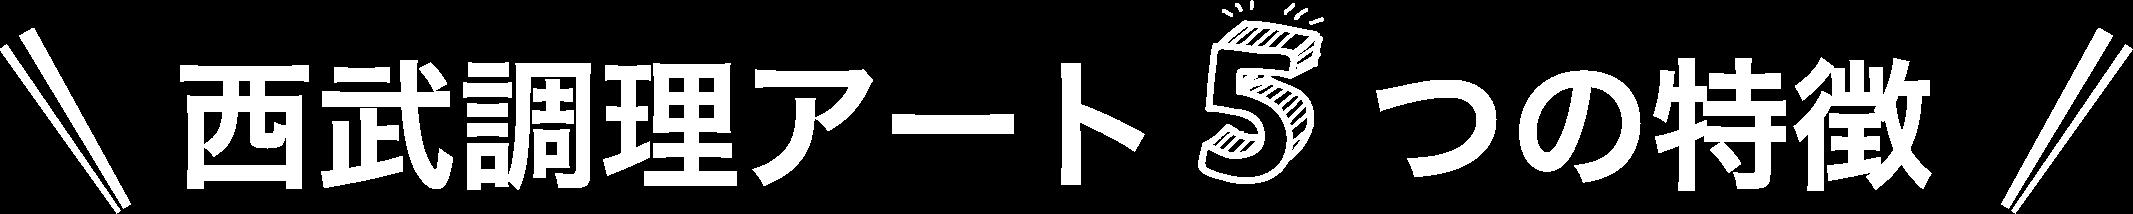 西武調理アート5つの特徴